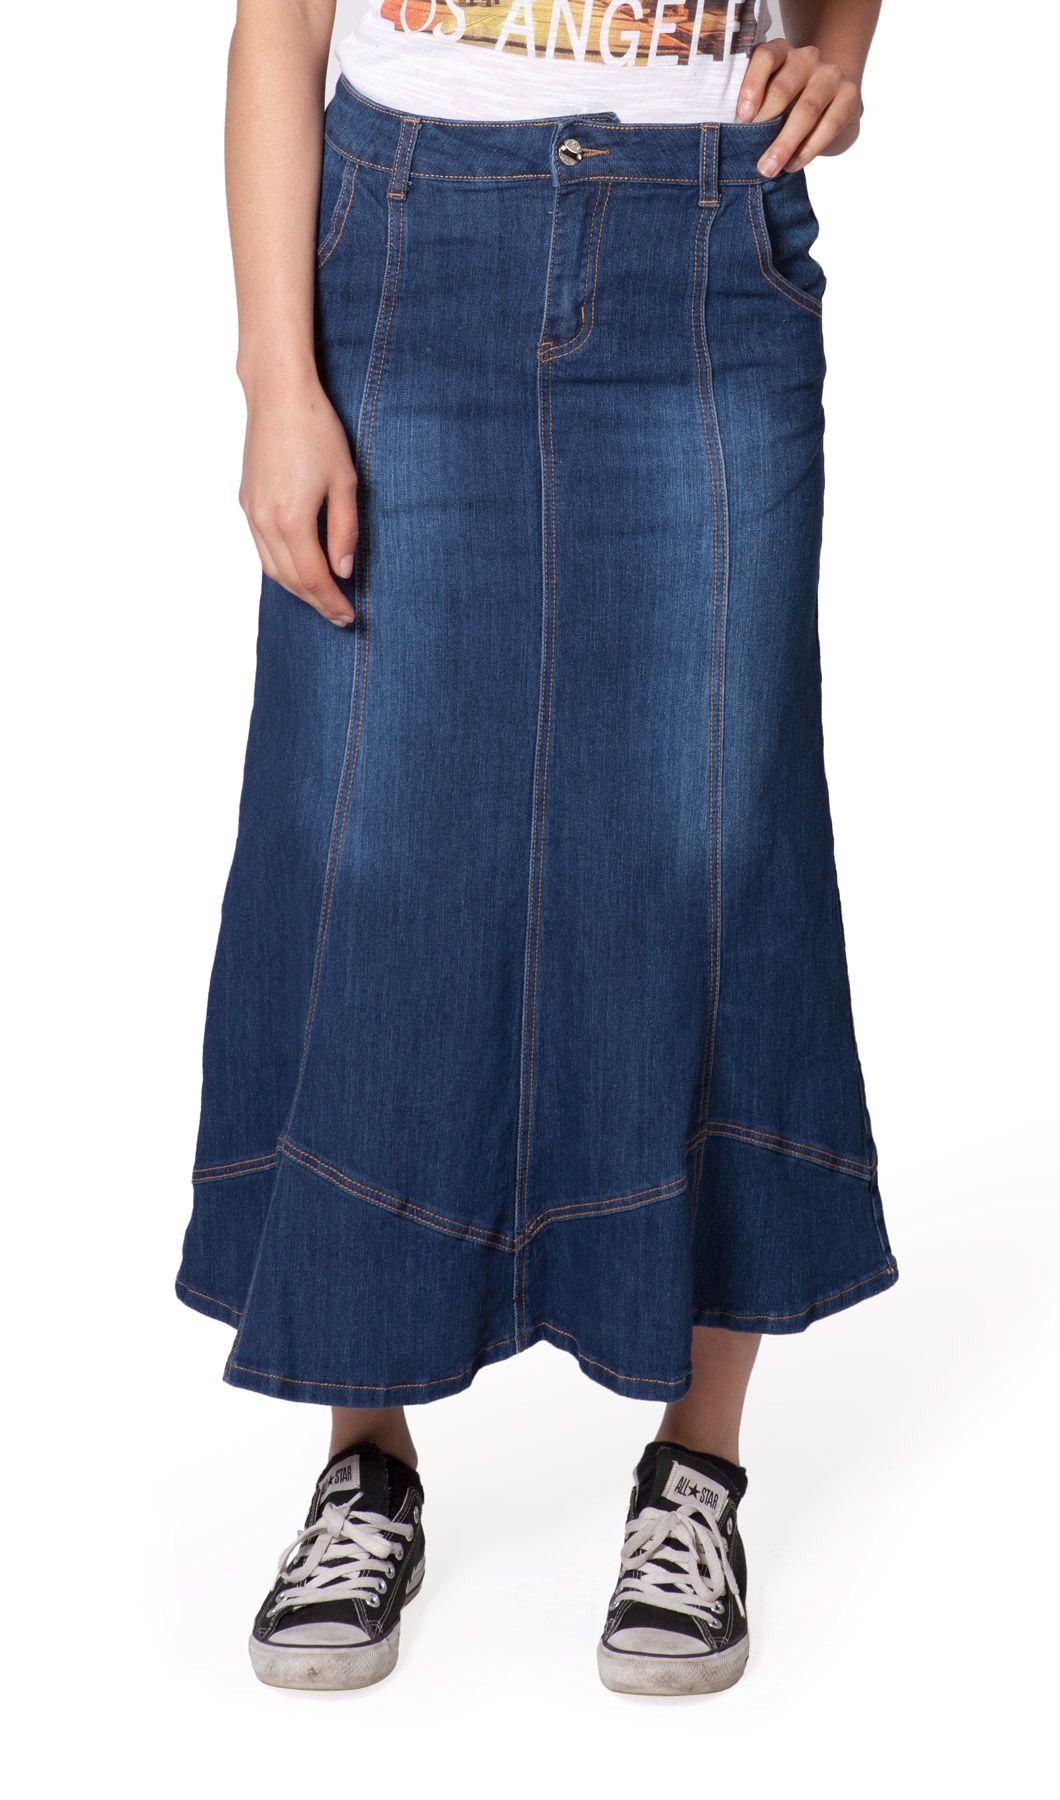 e8b608d1a0d5e9 flared long denim skirt from Denim Skirts Online. £22 #longdenimskirt #denim  #denimfashion